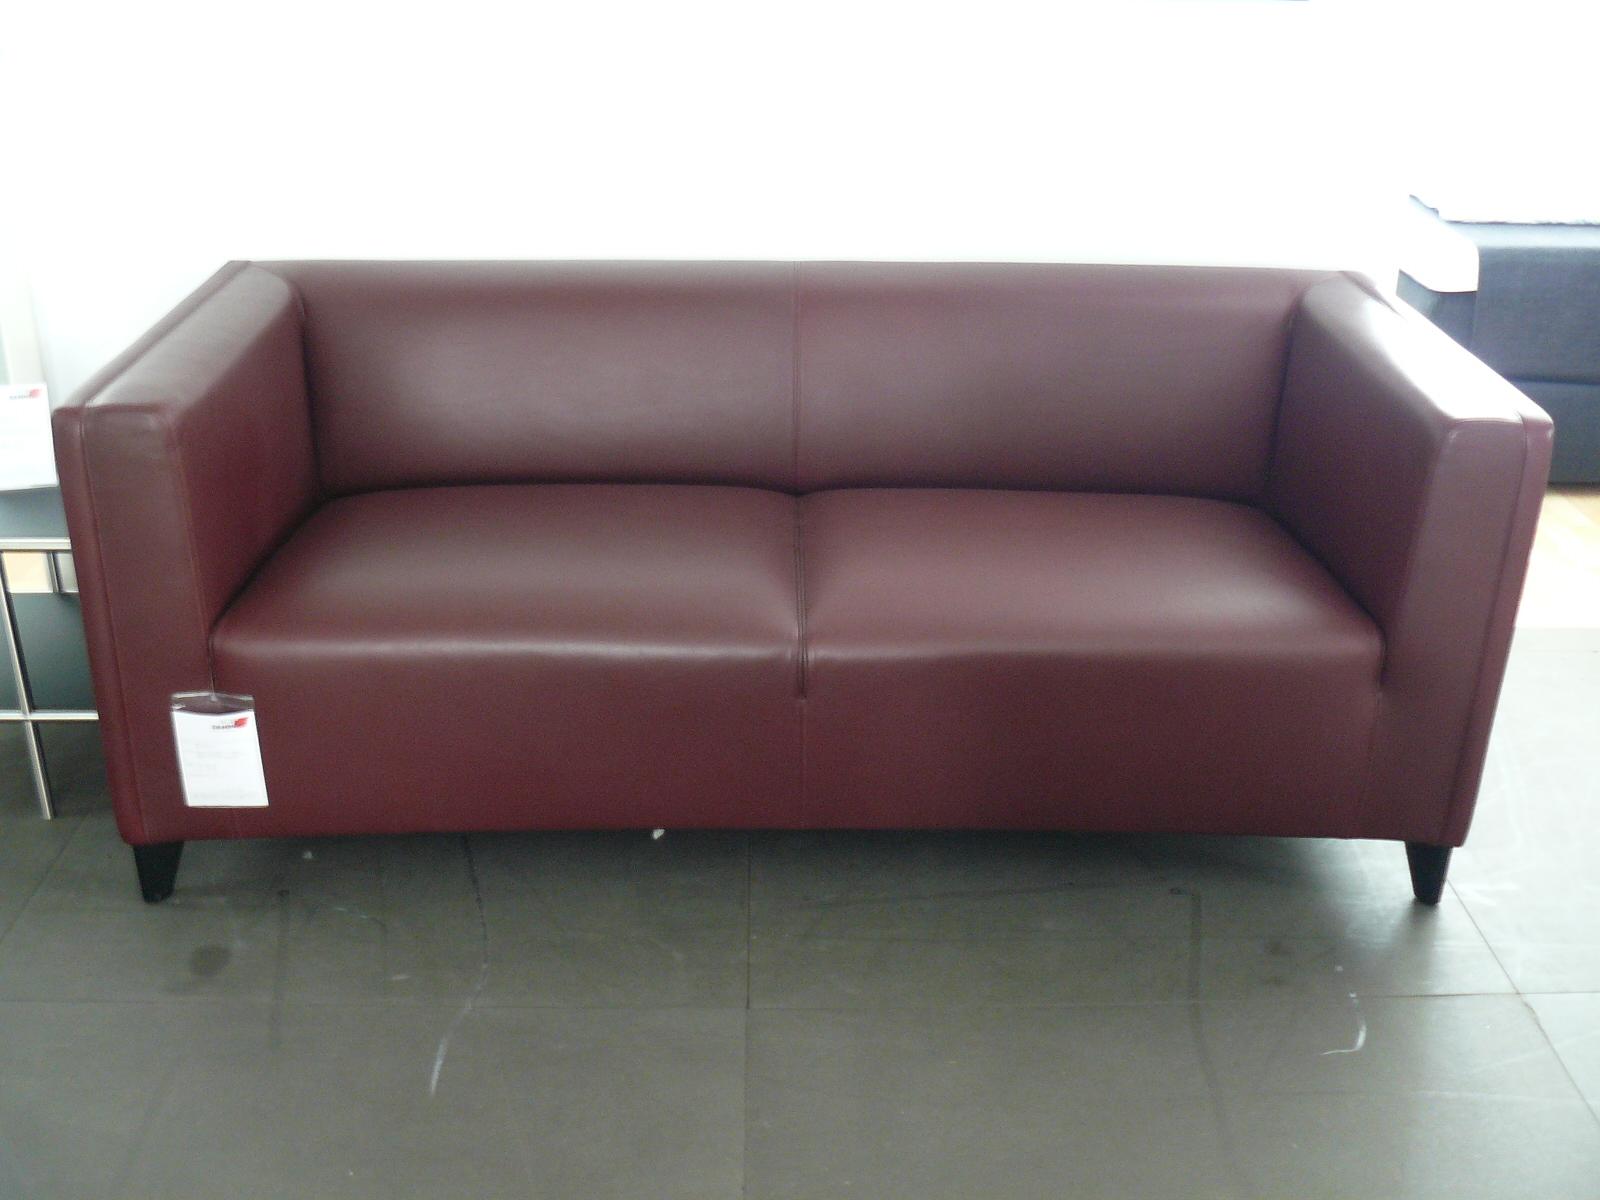 Mein Ausstellungsstück: Designer Sofa Bordeaux Rot ...